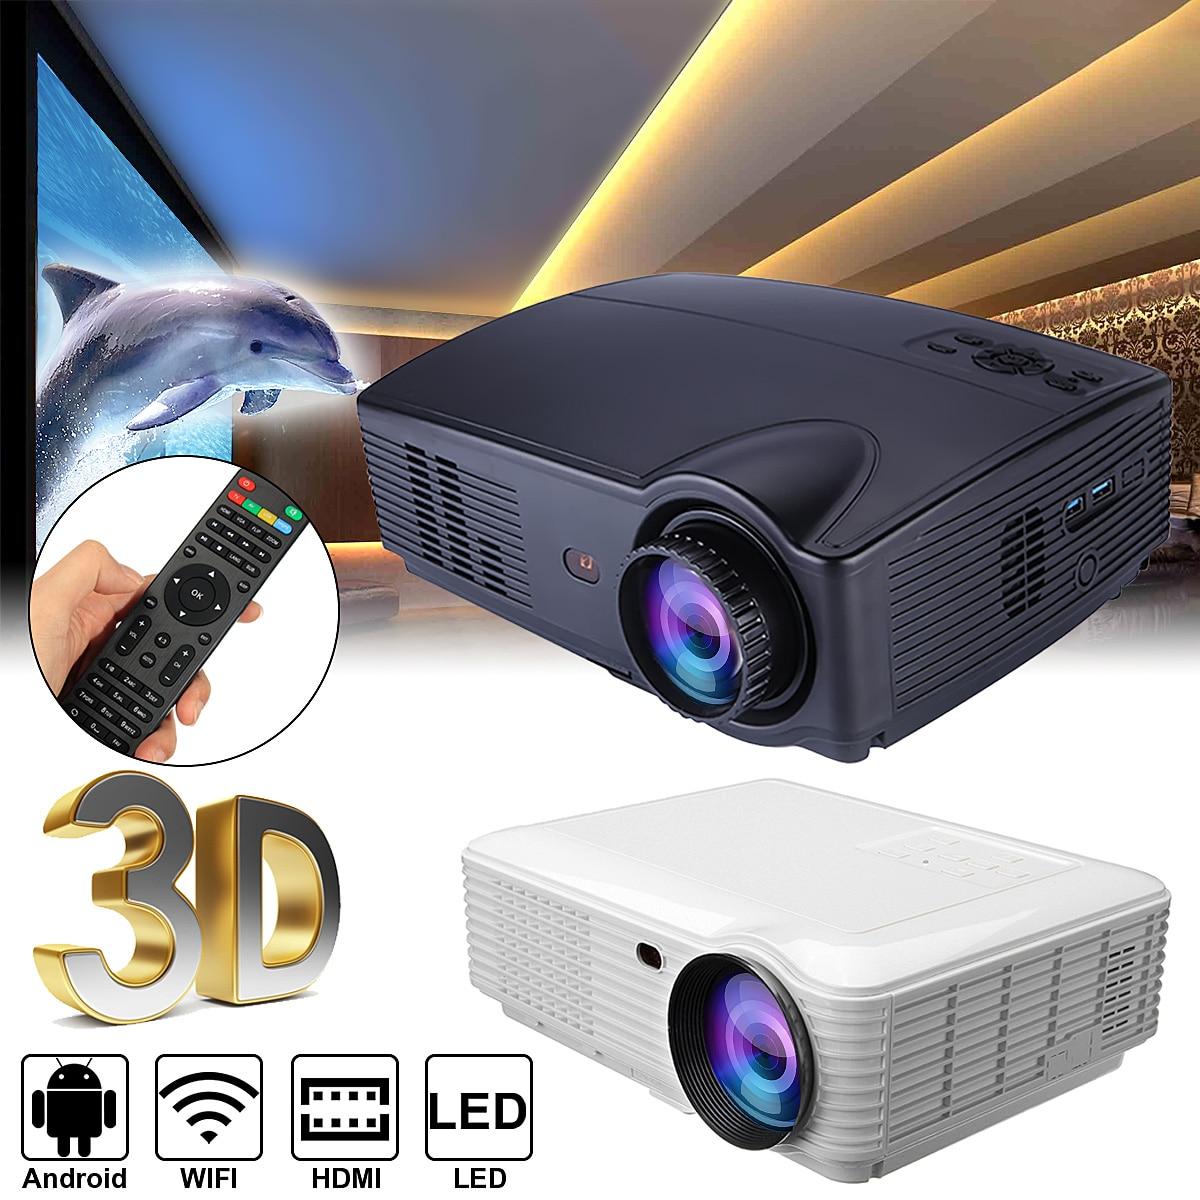 SV 328 Wi Fi версия 4600 люмен ЖК дисплей Технология смарт проектор Цифровой Проектор для домашнего кинотеатра Поддержка аудио/видео ТВ